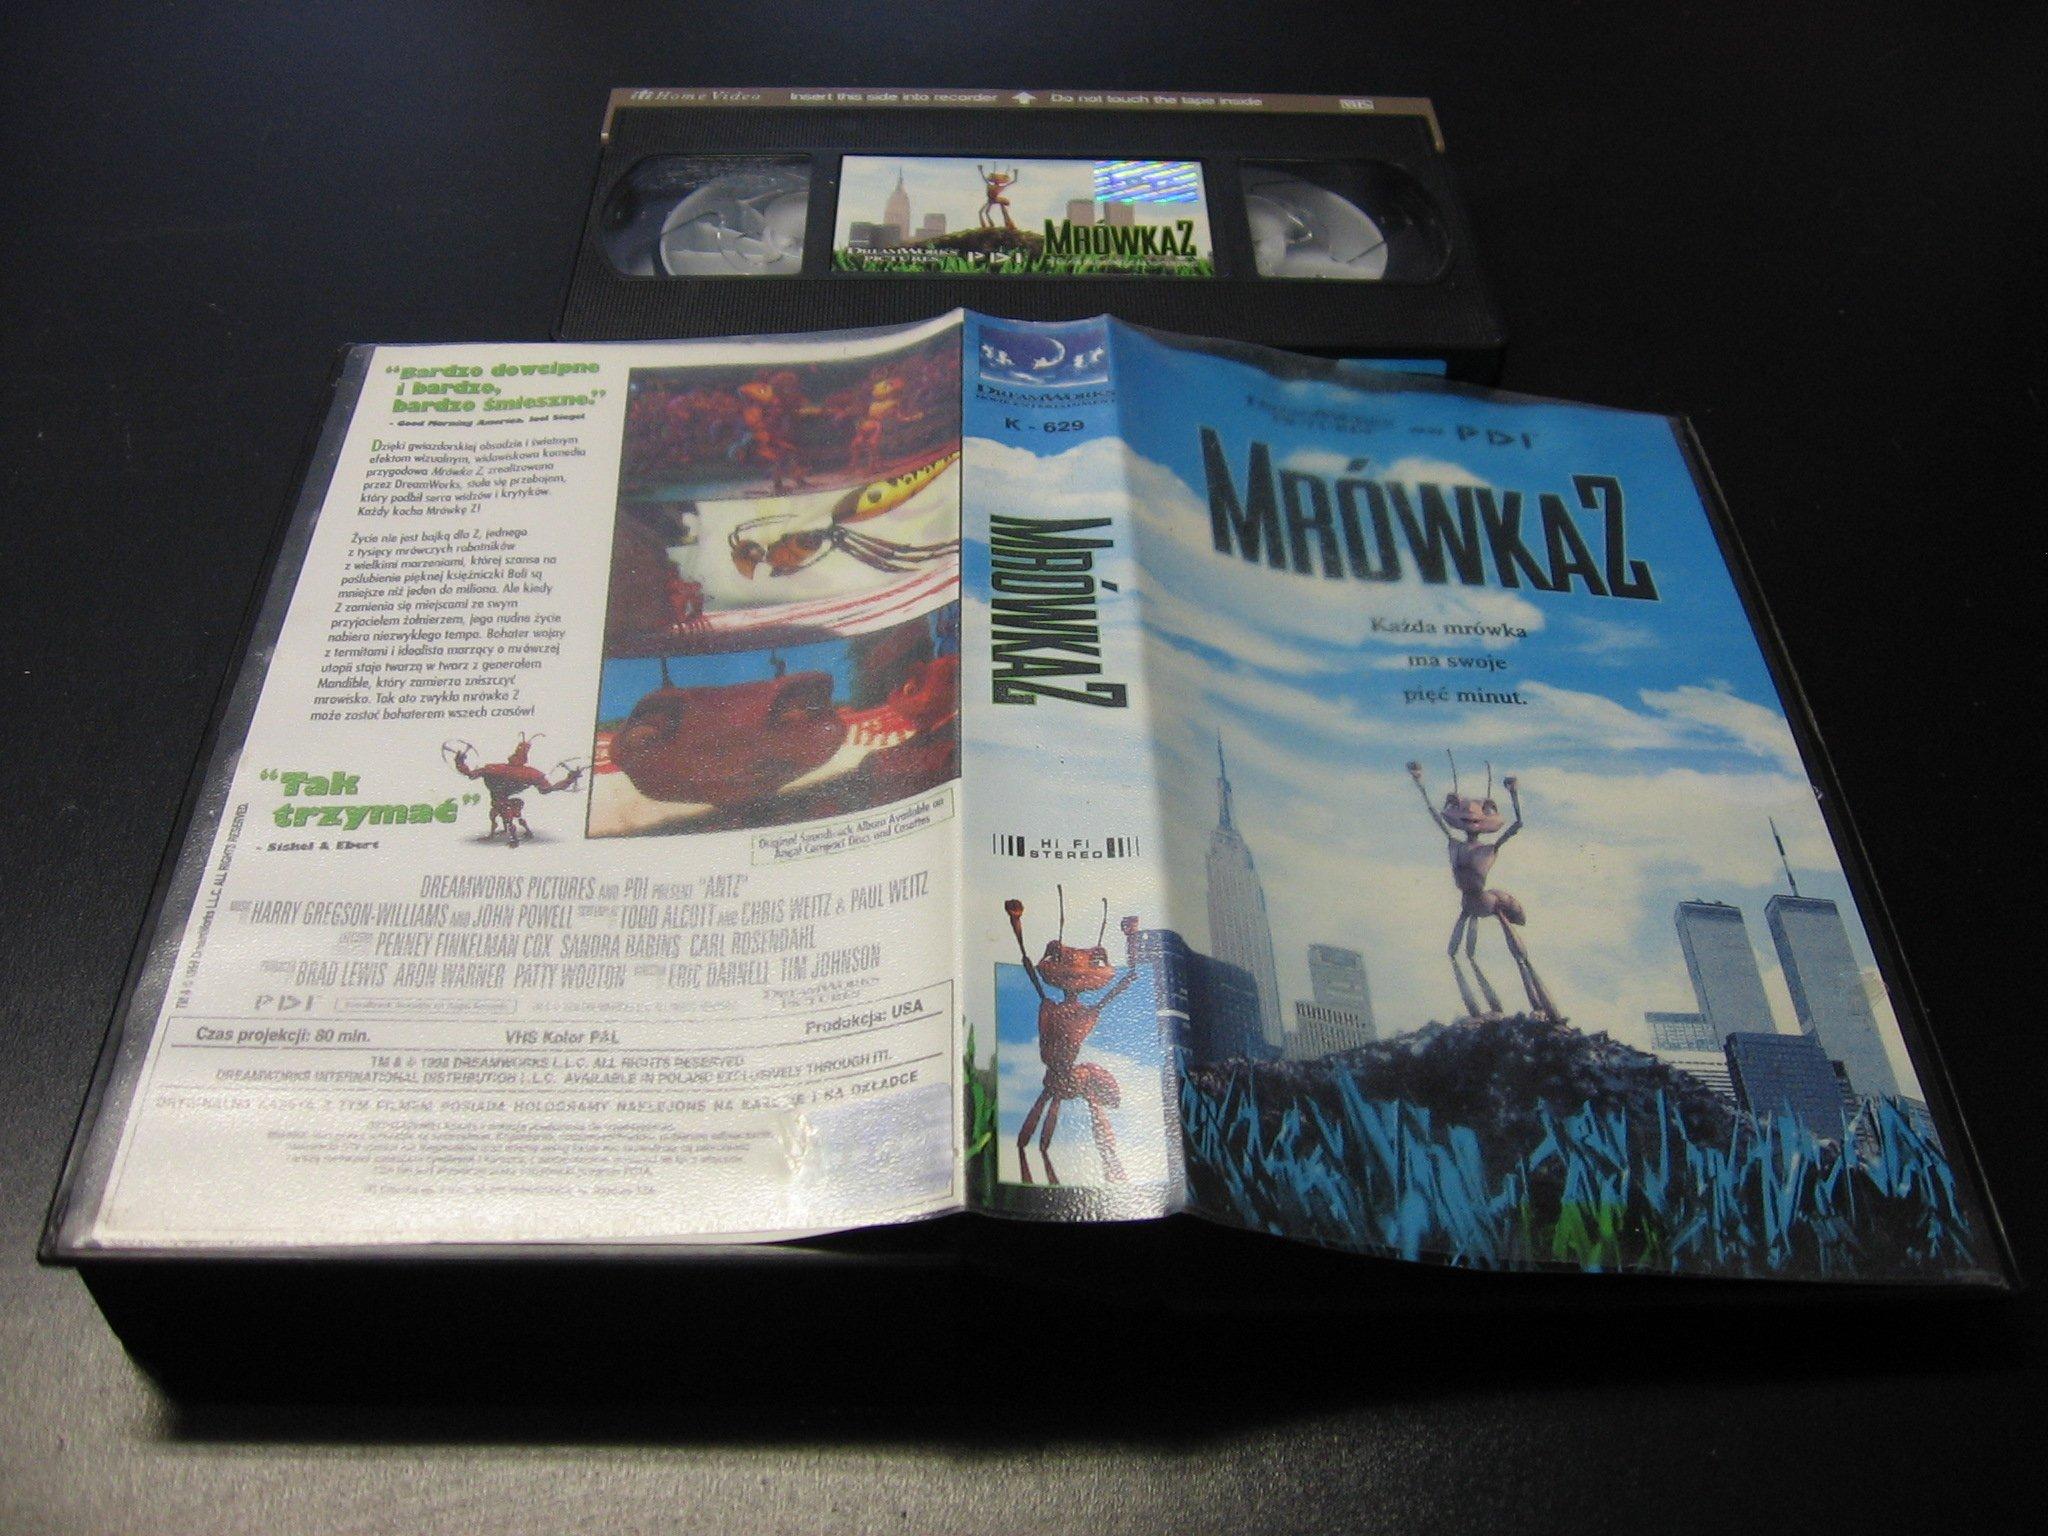 MRÓWKA Z  VHS - Opole 0011